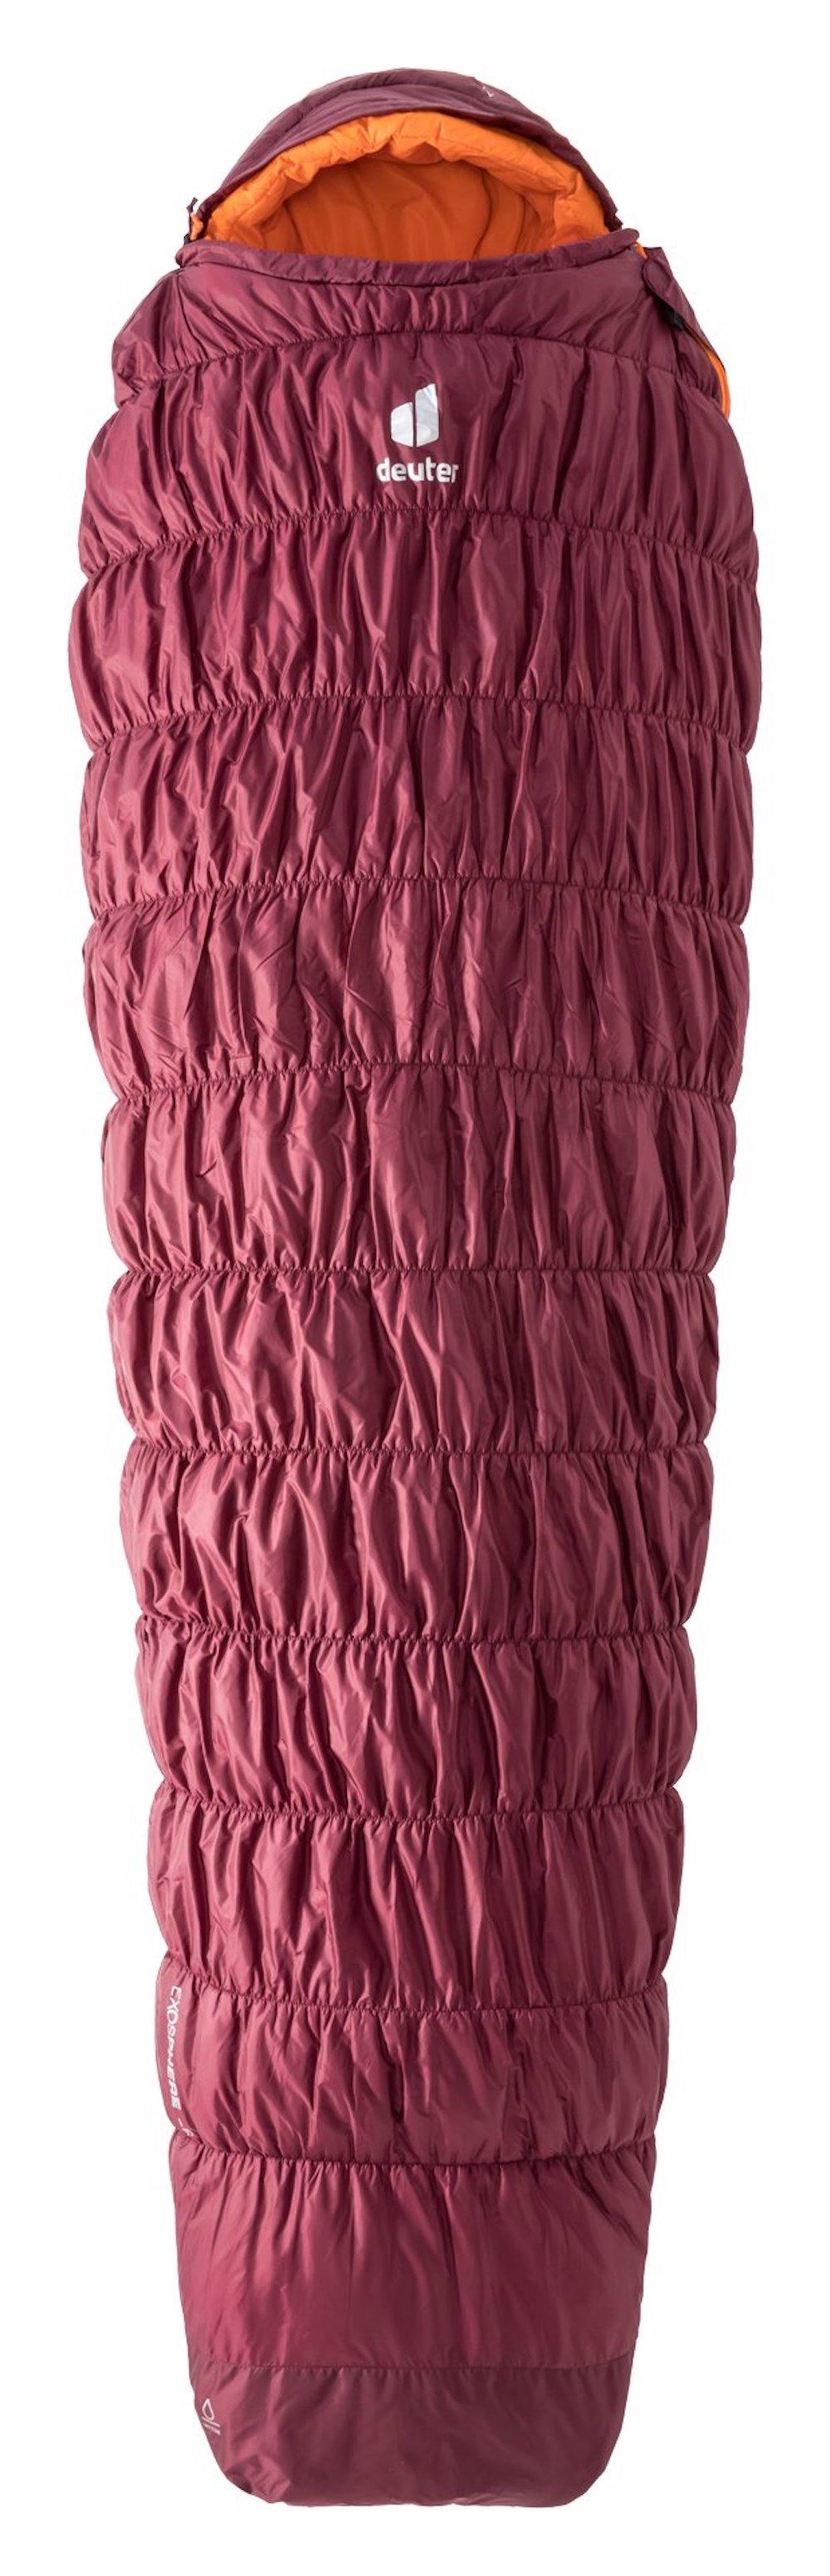 Deuter - Exosphere -6° SL / Zip left, Kunstfaserschlafsack für Frauen